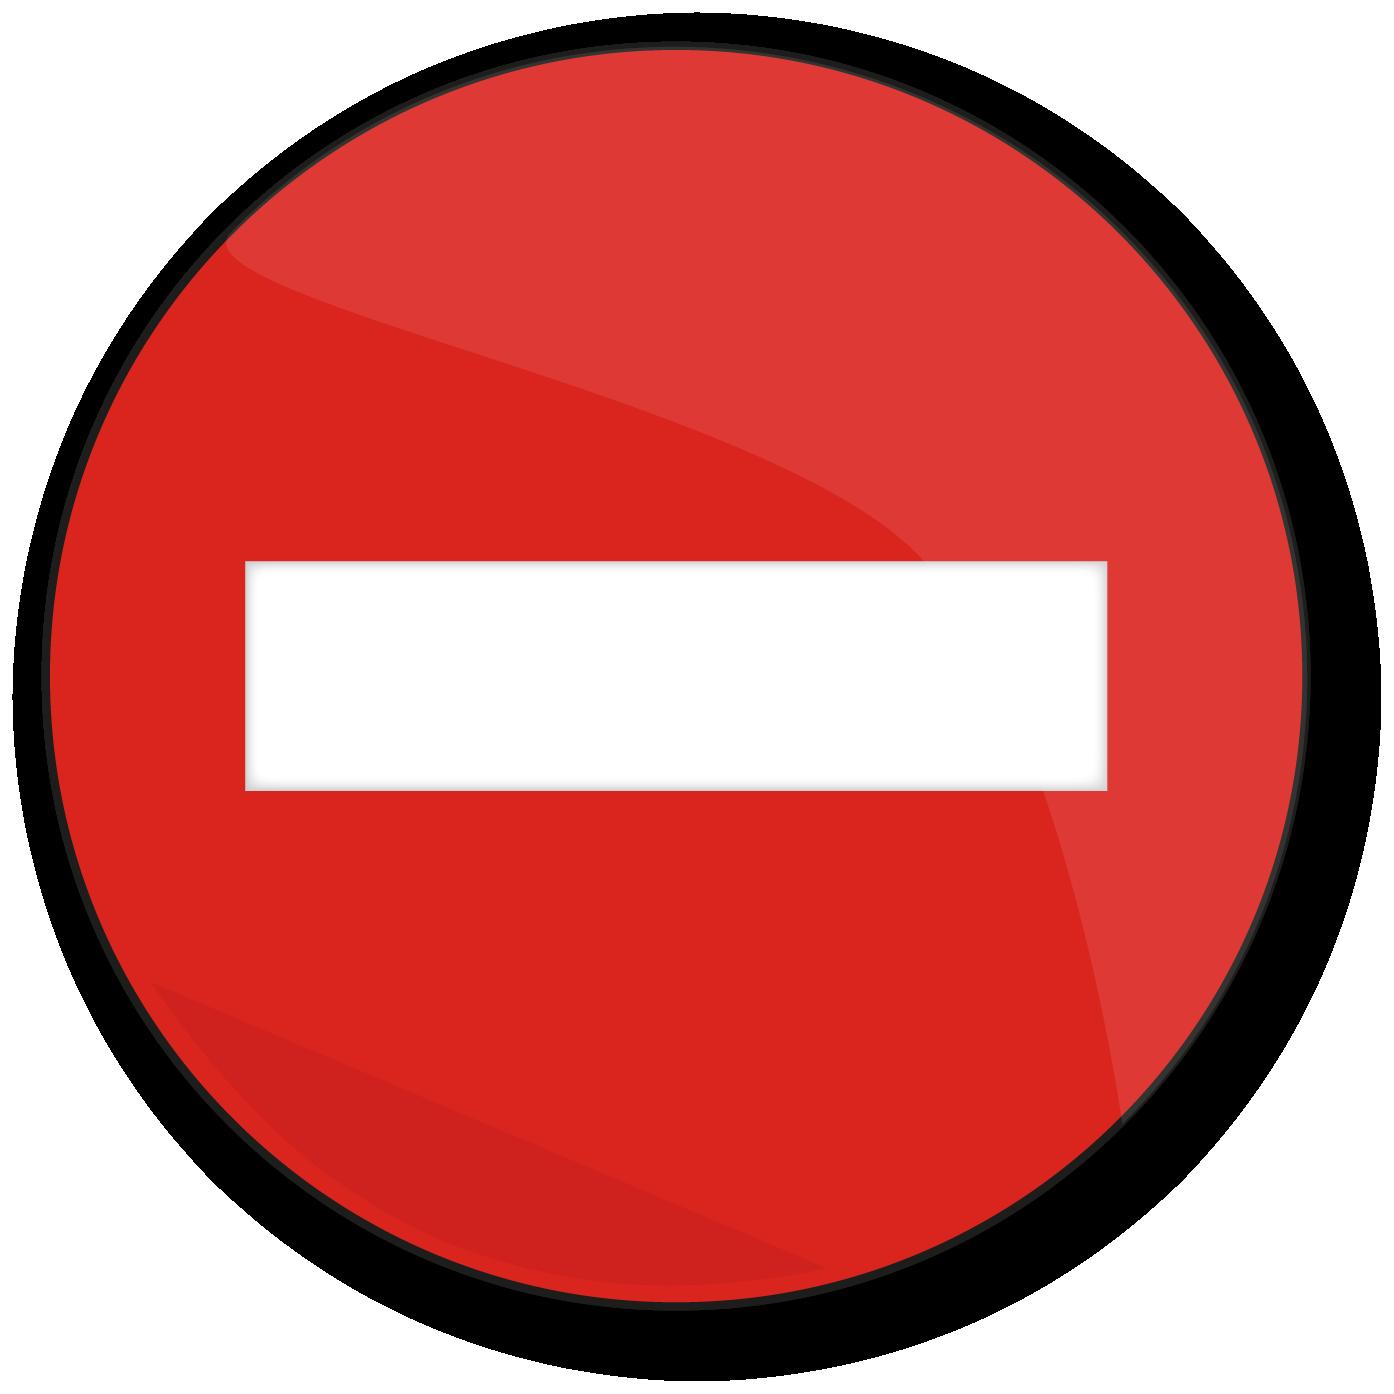 14-Senal-de-prohibido-el-paso.png